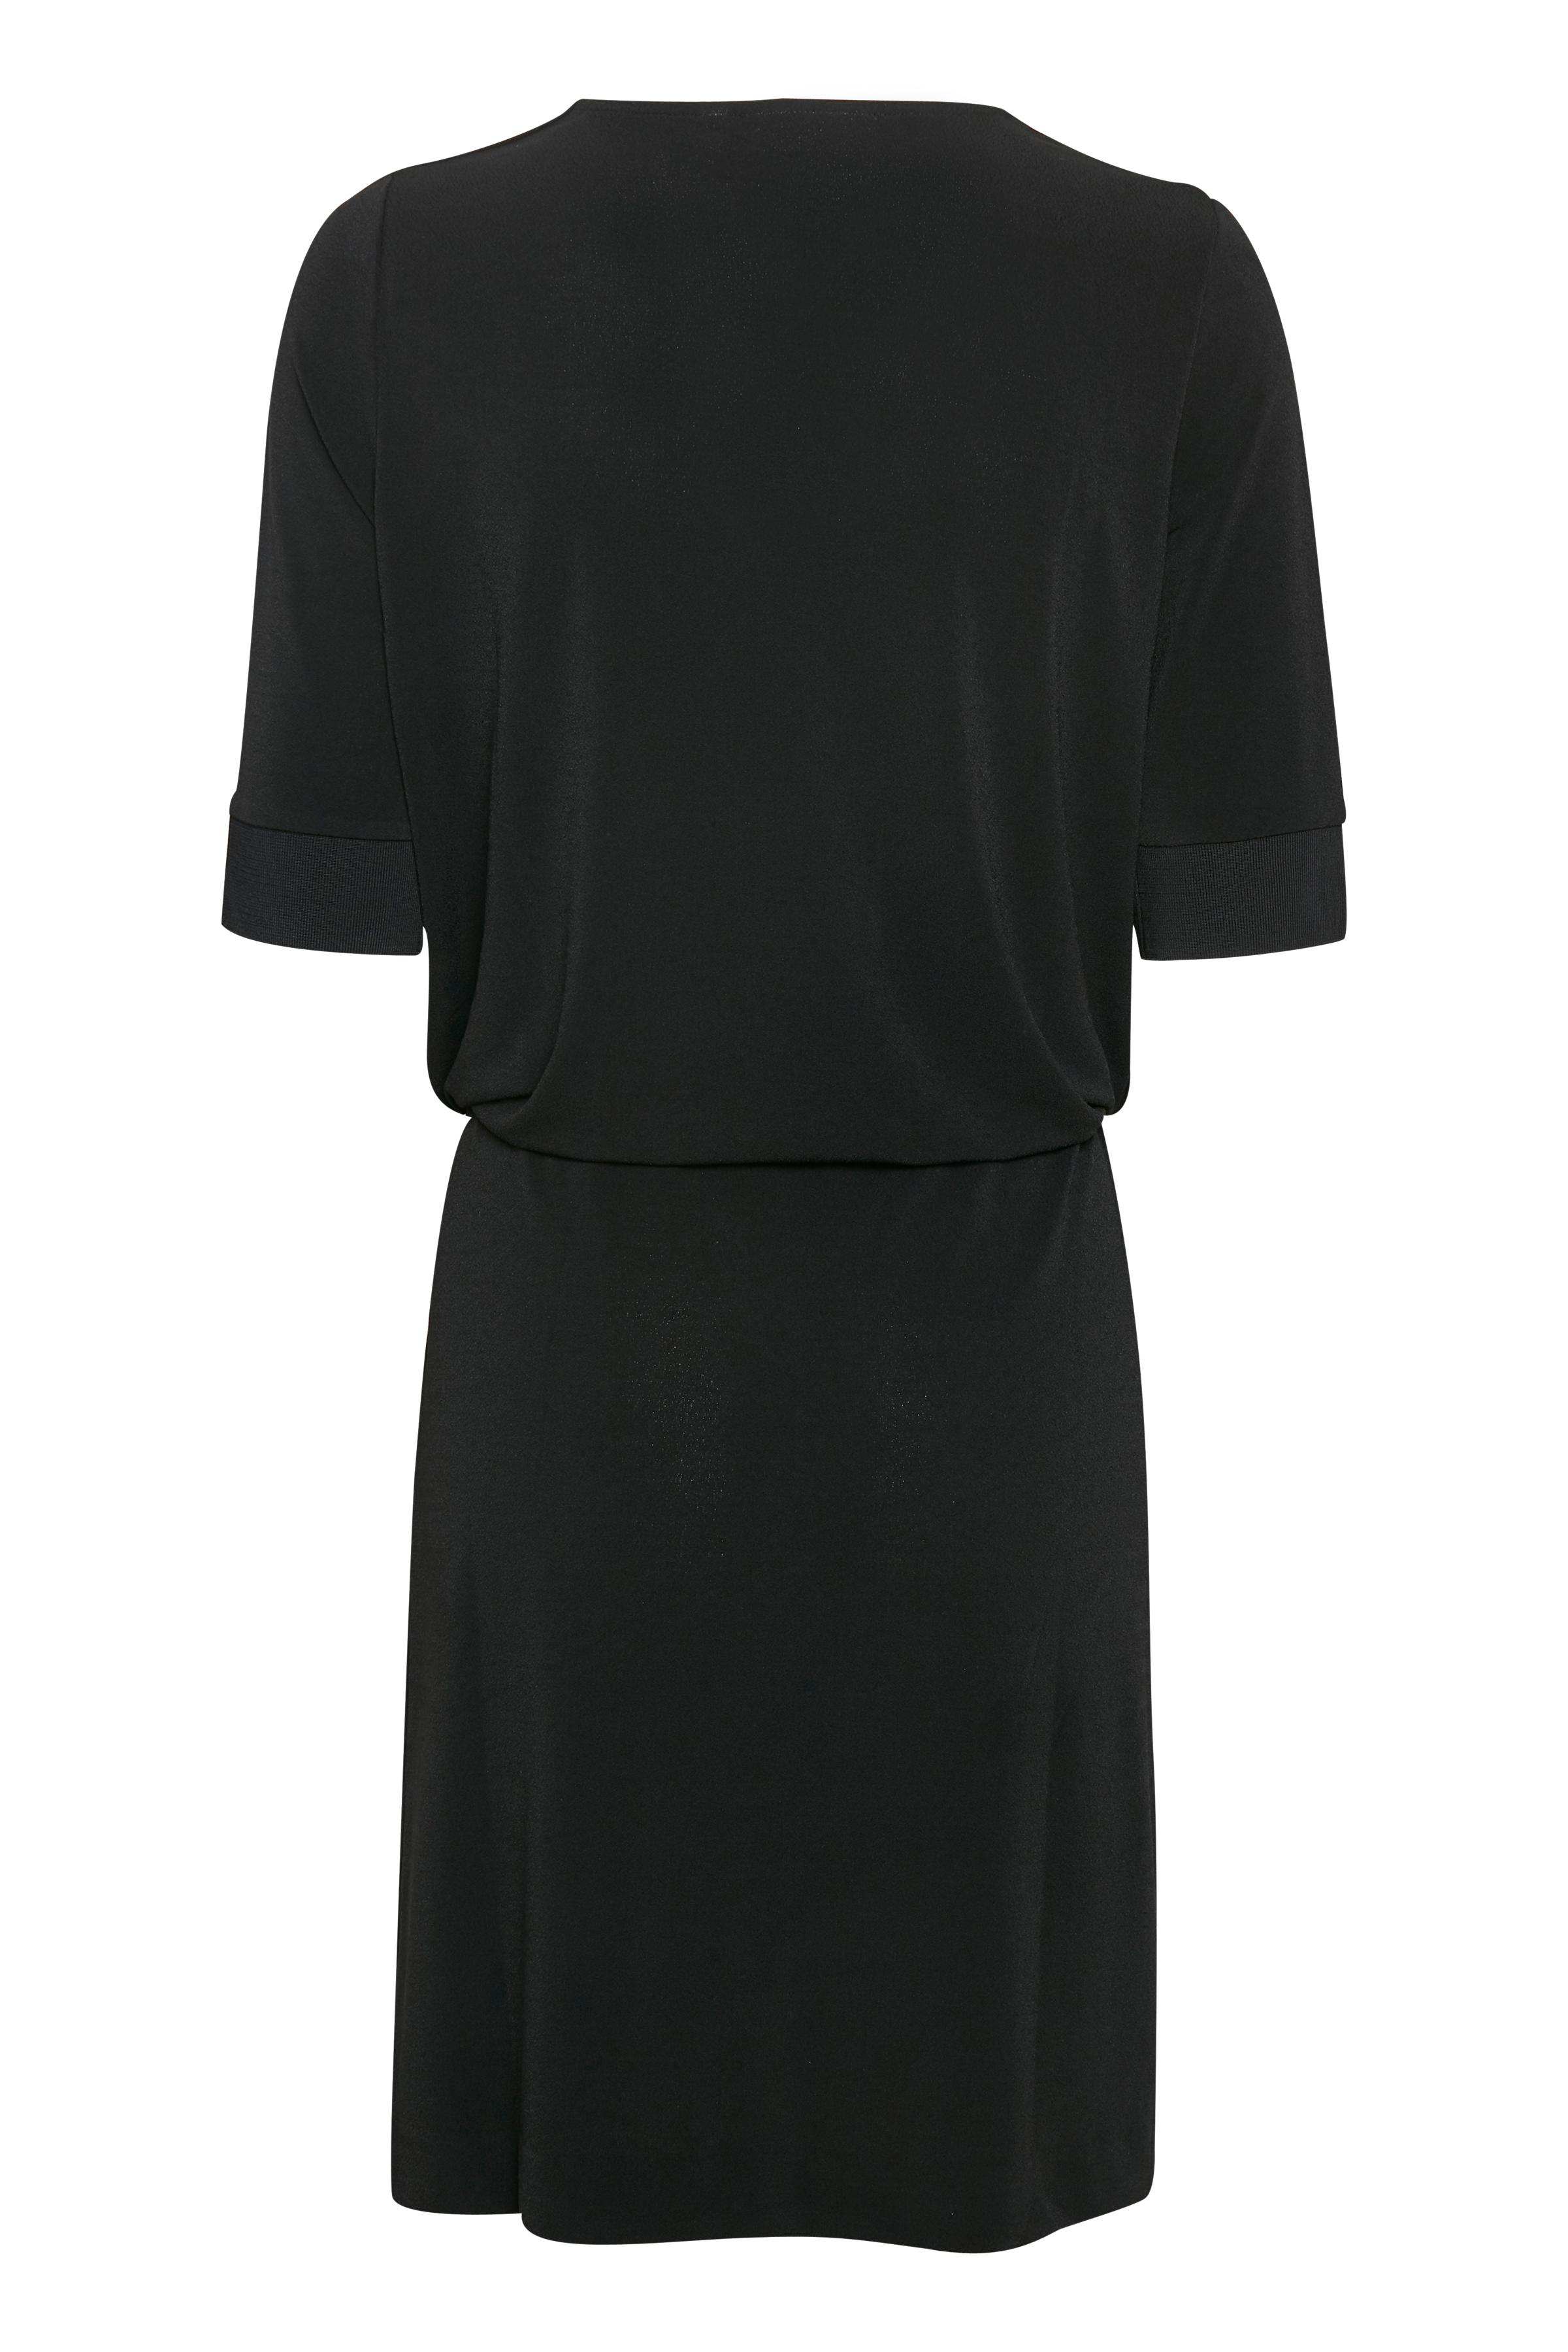 Black Jerseykjole – Køb Black Jerseykjole fra str. XXS-XXL her